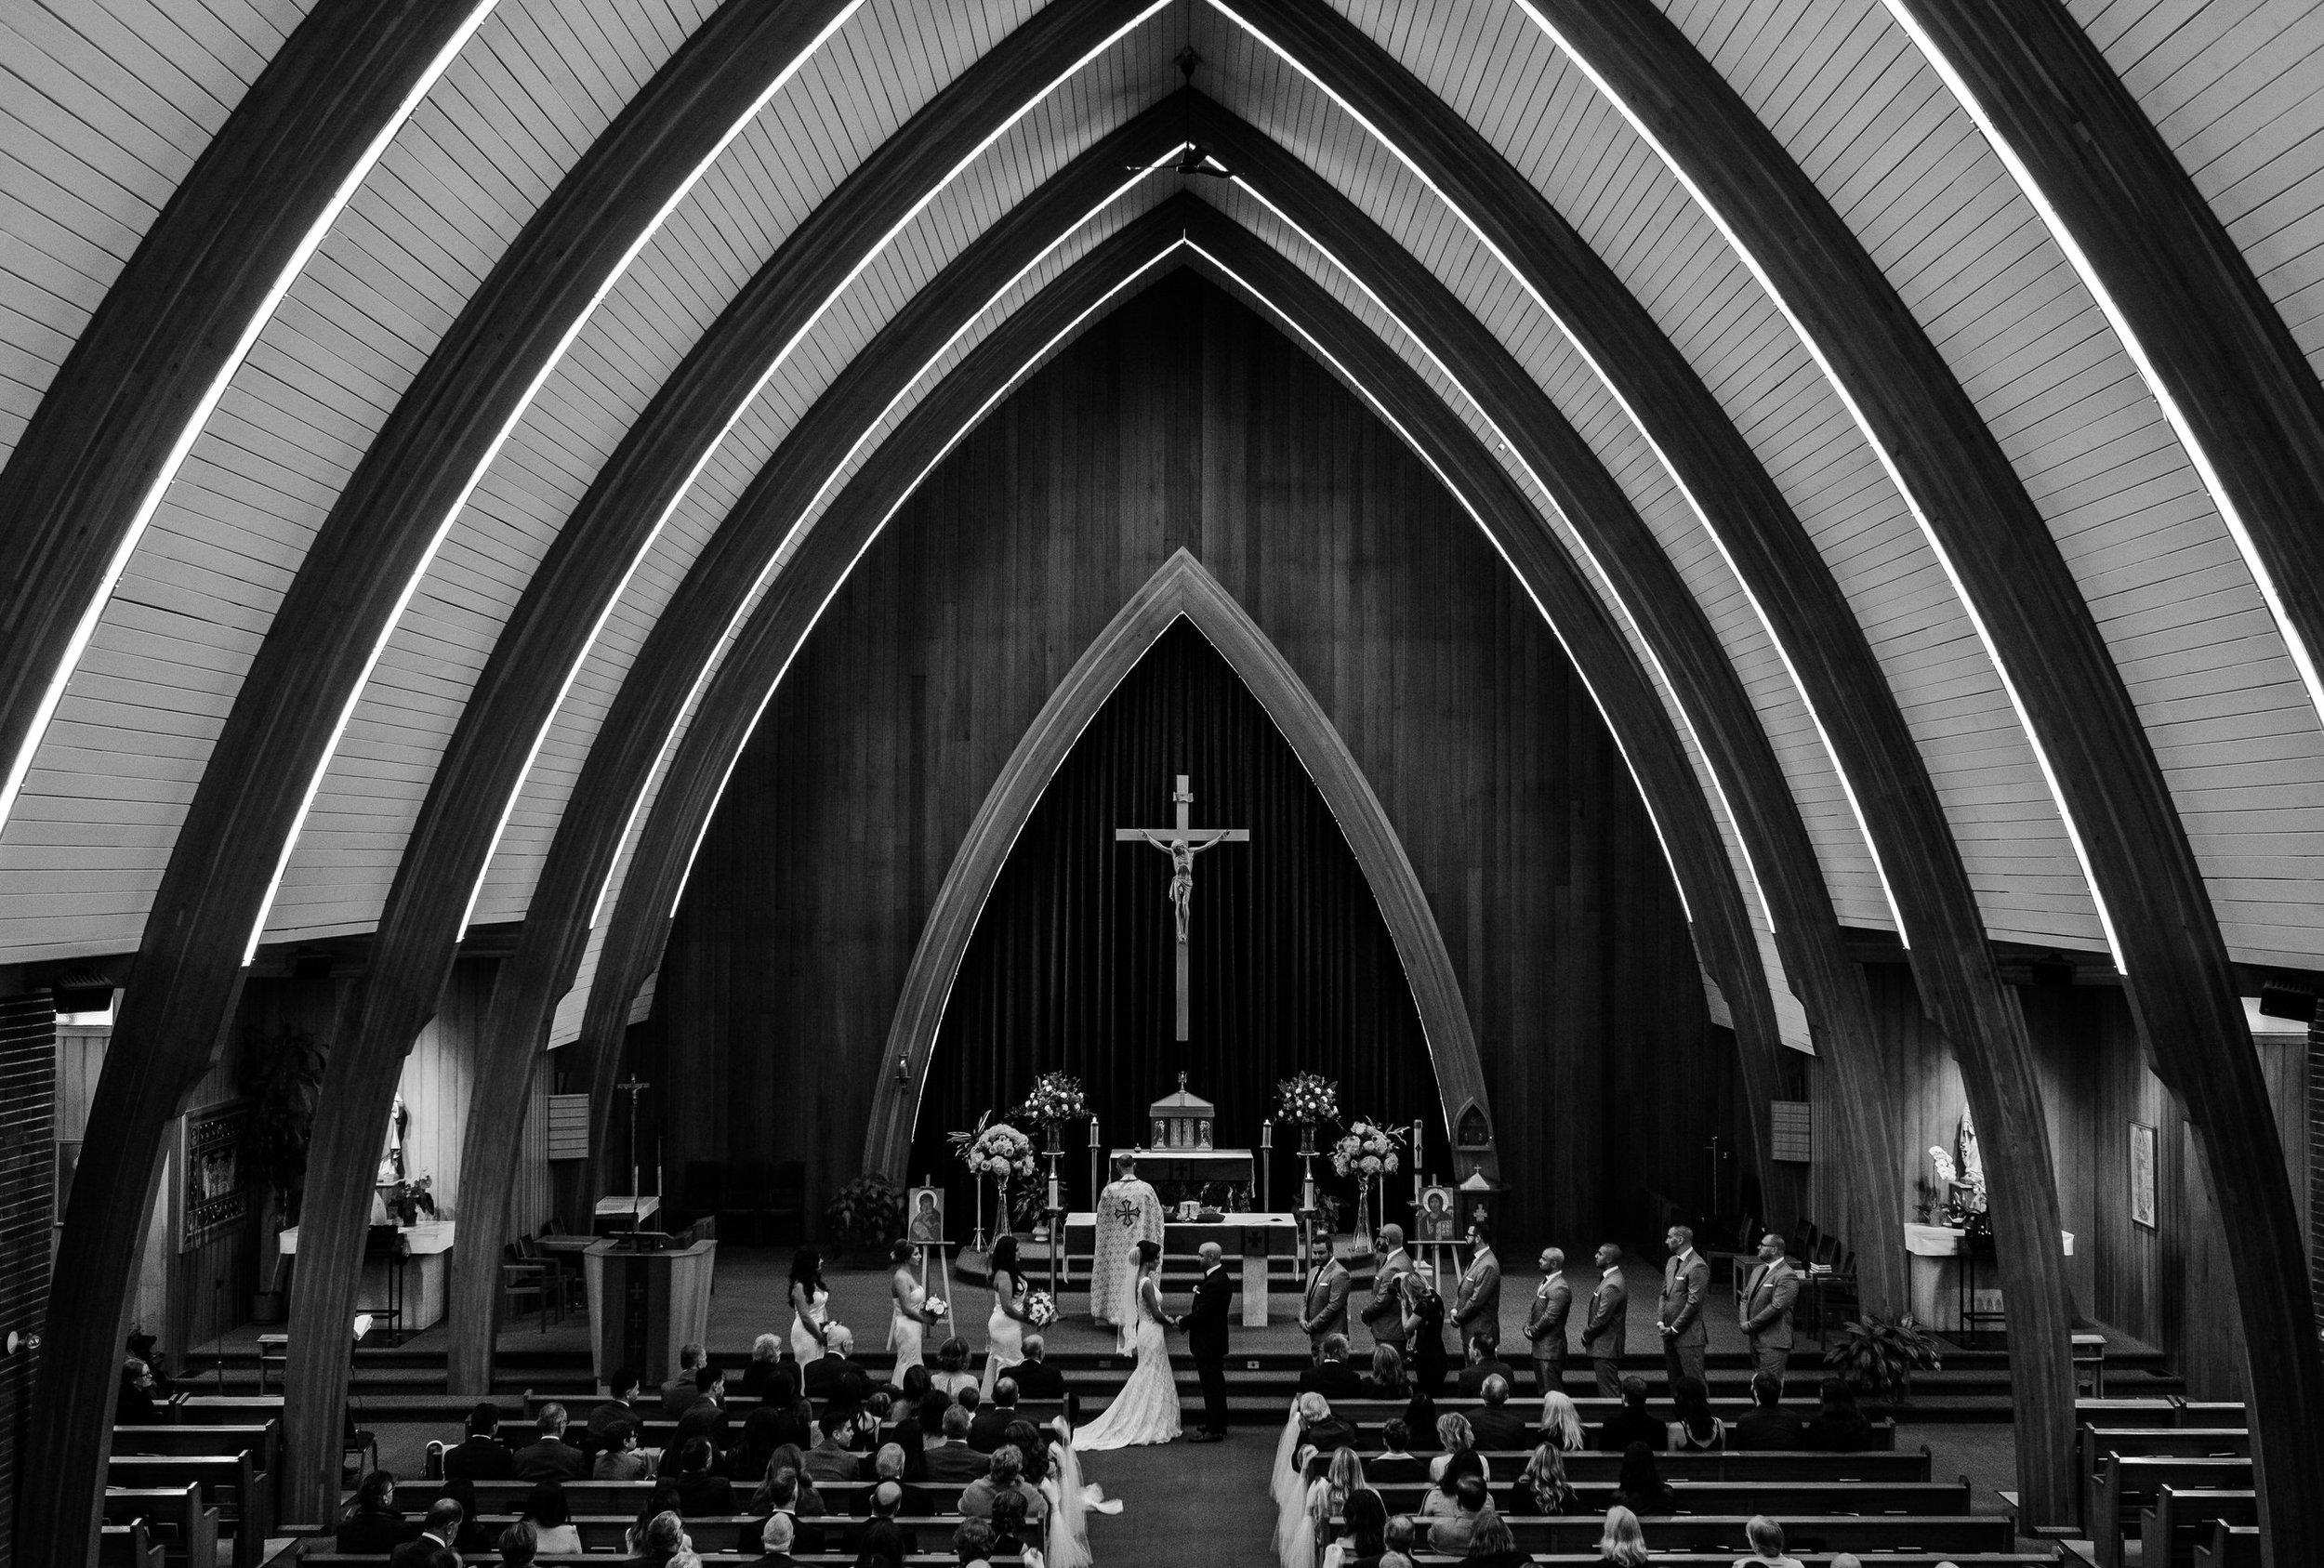 Pitt Meadows Wedding Photographer - Sky Hangar Wedding Photos - Vancouver Wedding Photographer & Videographer - Sunshine Coast Wedding Photos - Sunshine Coast Wedding Photographer - Jennifer Picard Photography - DSCF9870.jpg